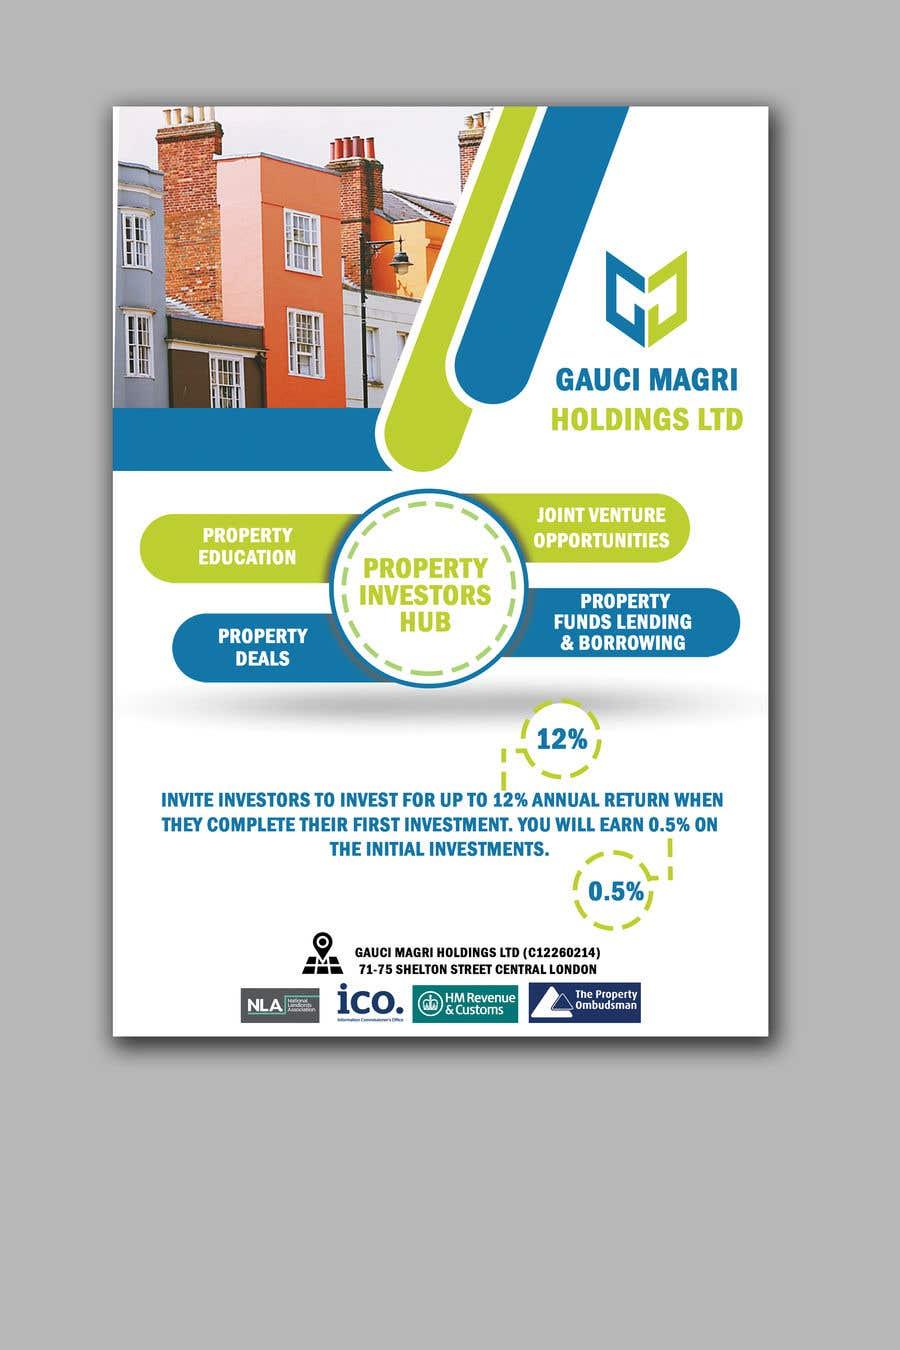 Konkurrenceindlæg #14 for A5 Flyer Design - Gauci Magri Holdings Ltd - Professional Design for Investors